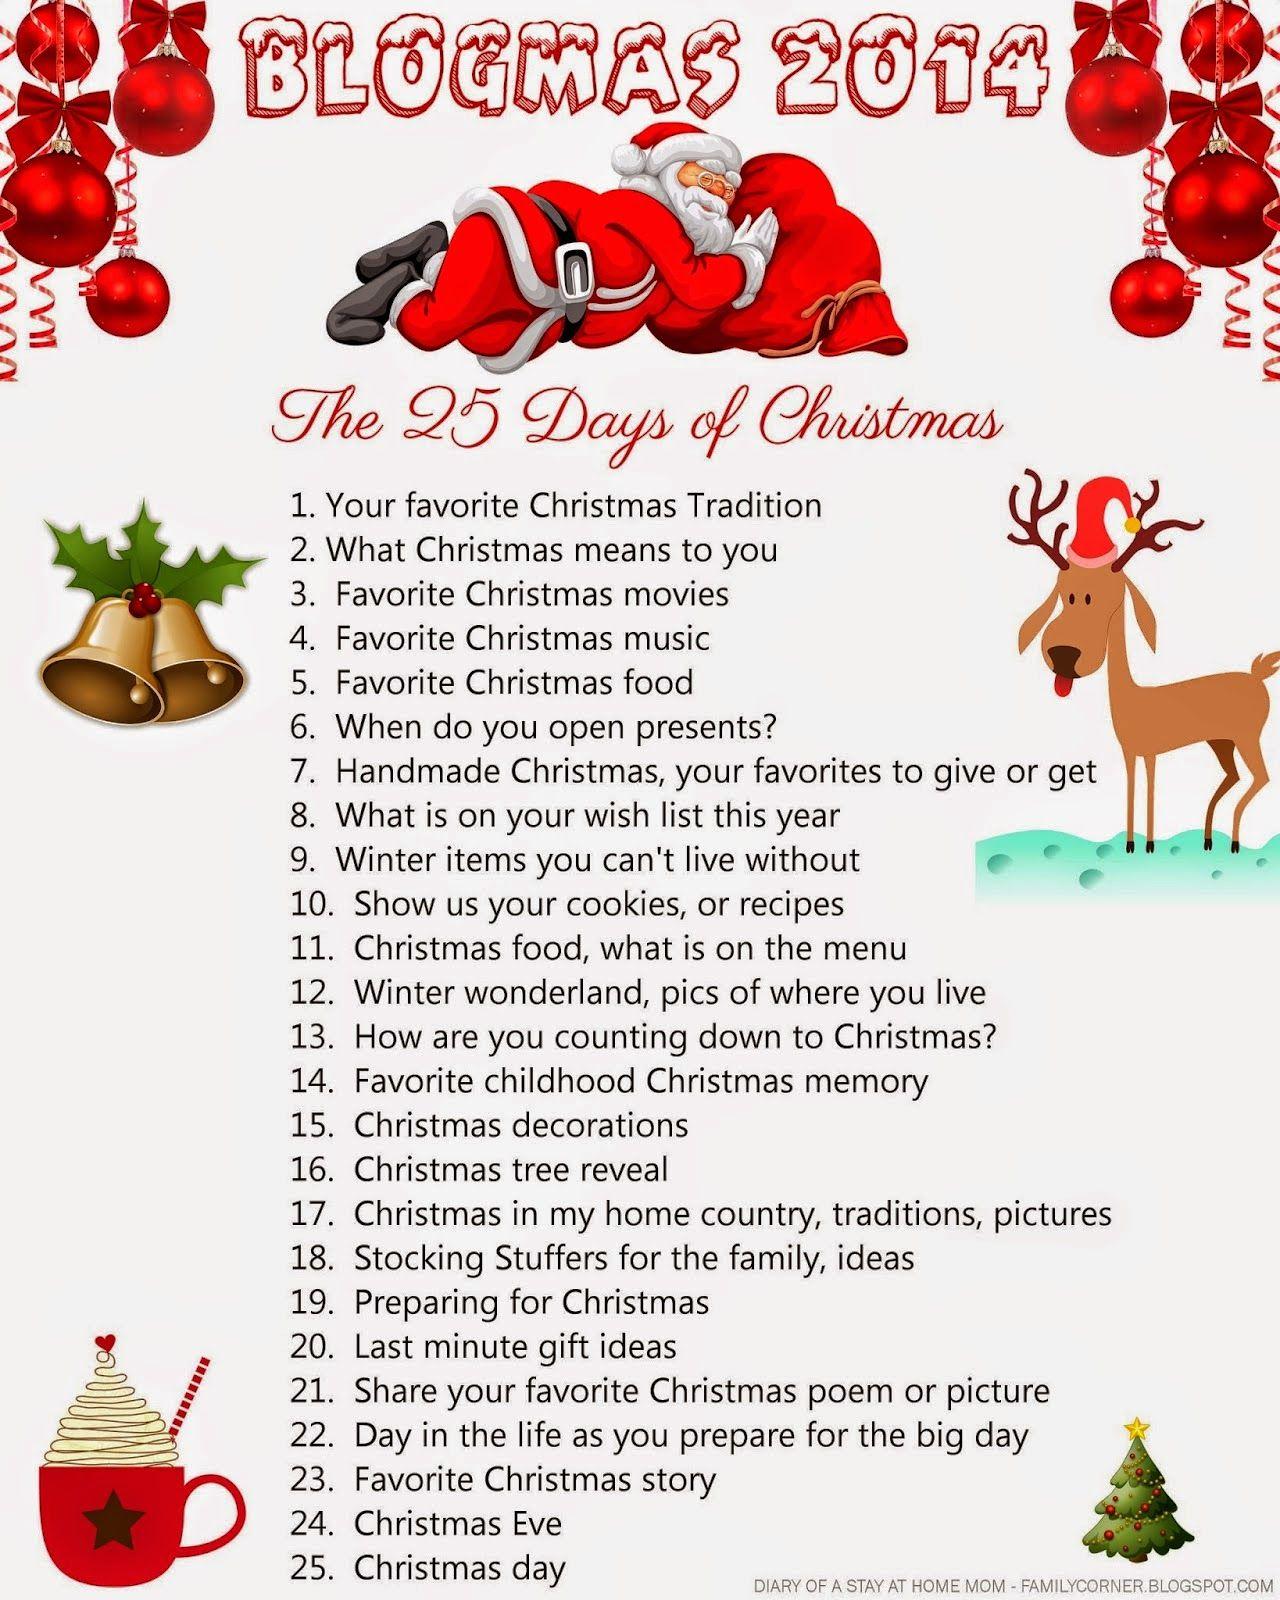 BLOGMAS 2014 DAY 1 25 days of christmas, Christmas